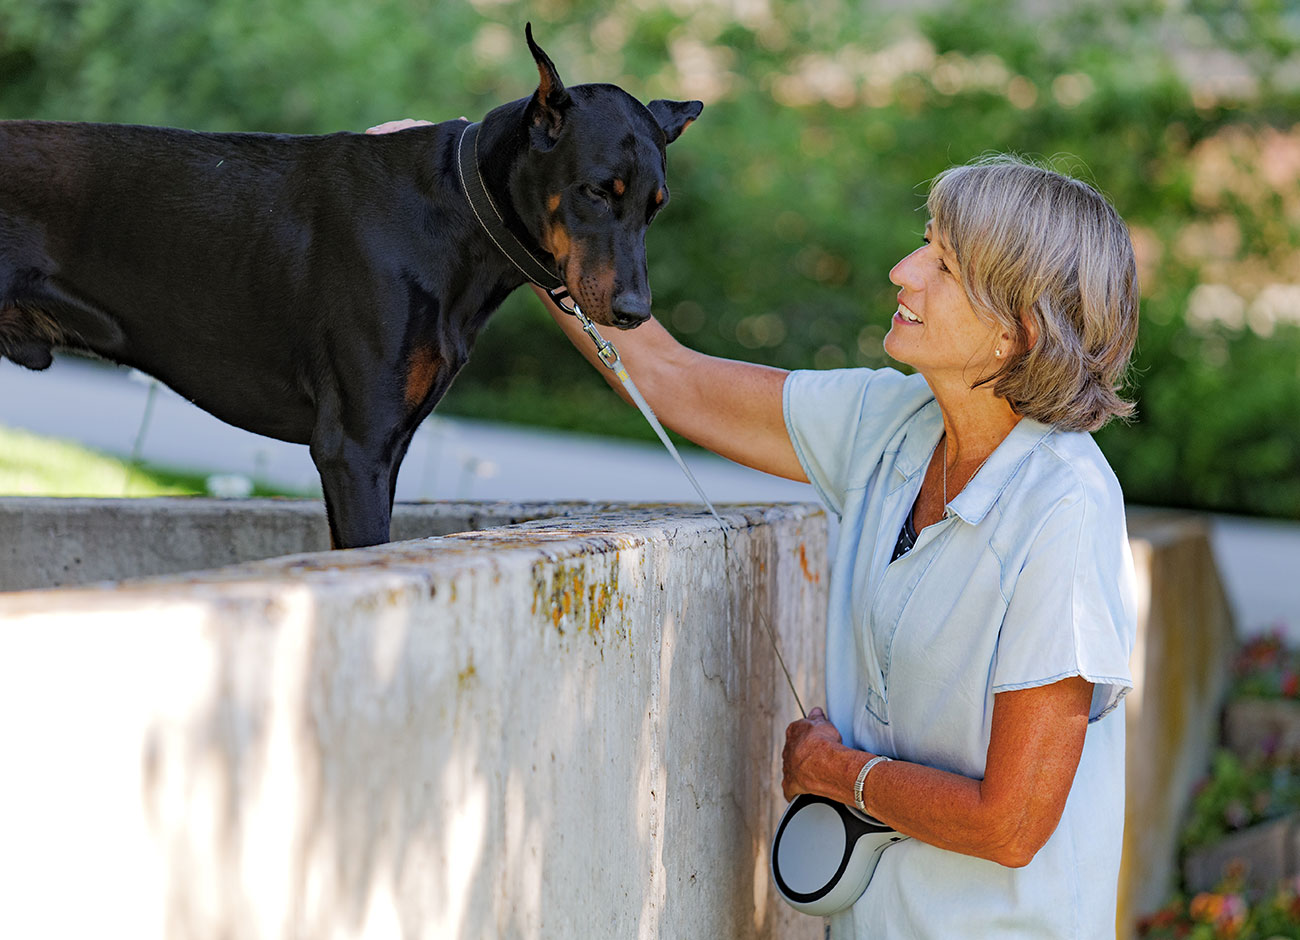 Noelle Cockett looks at her grand dog Duke.